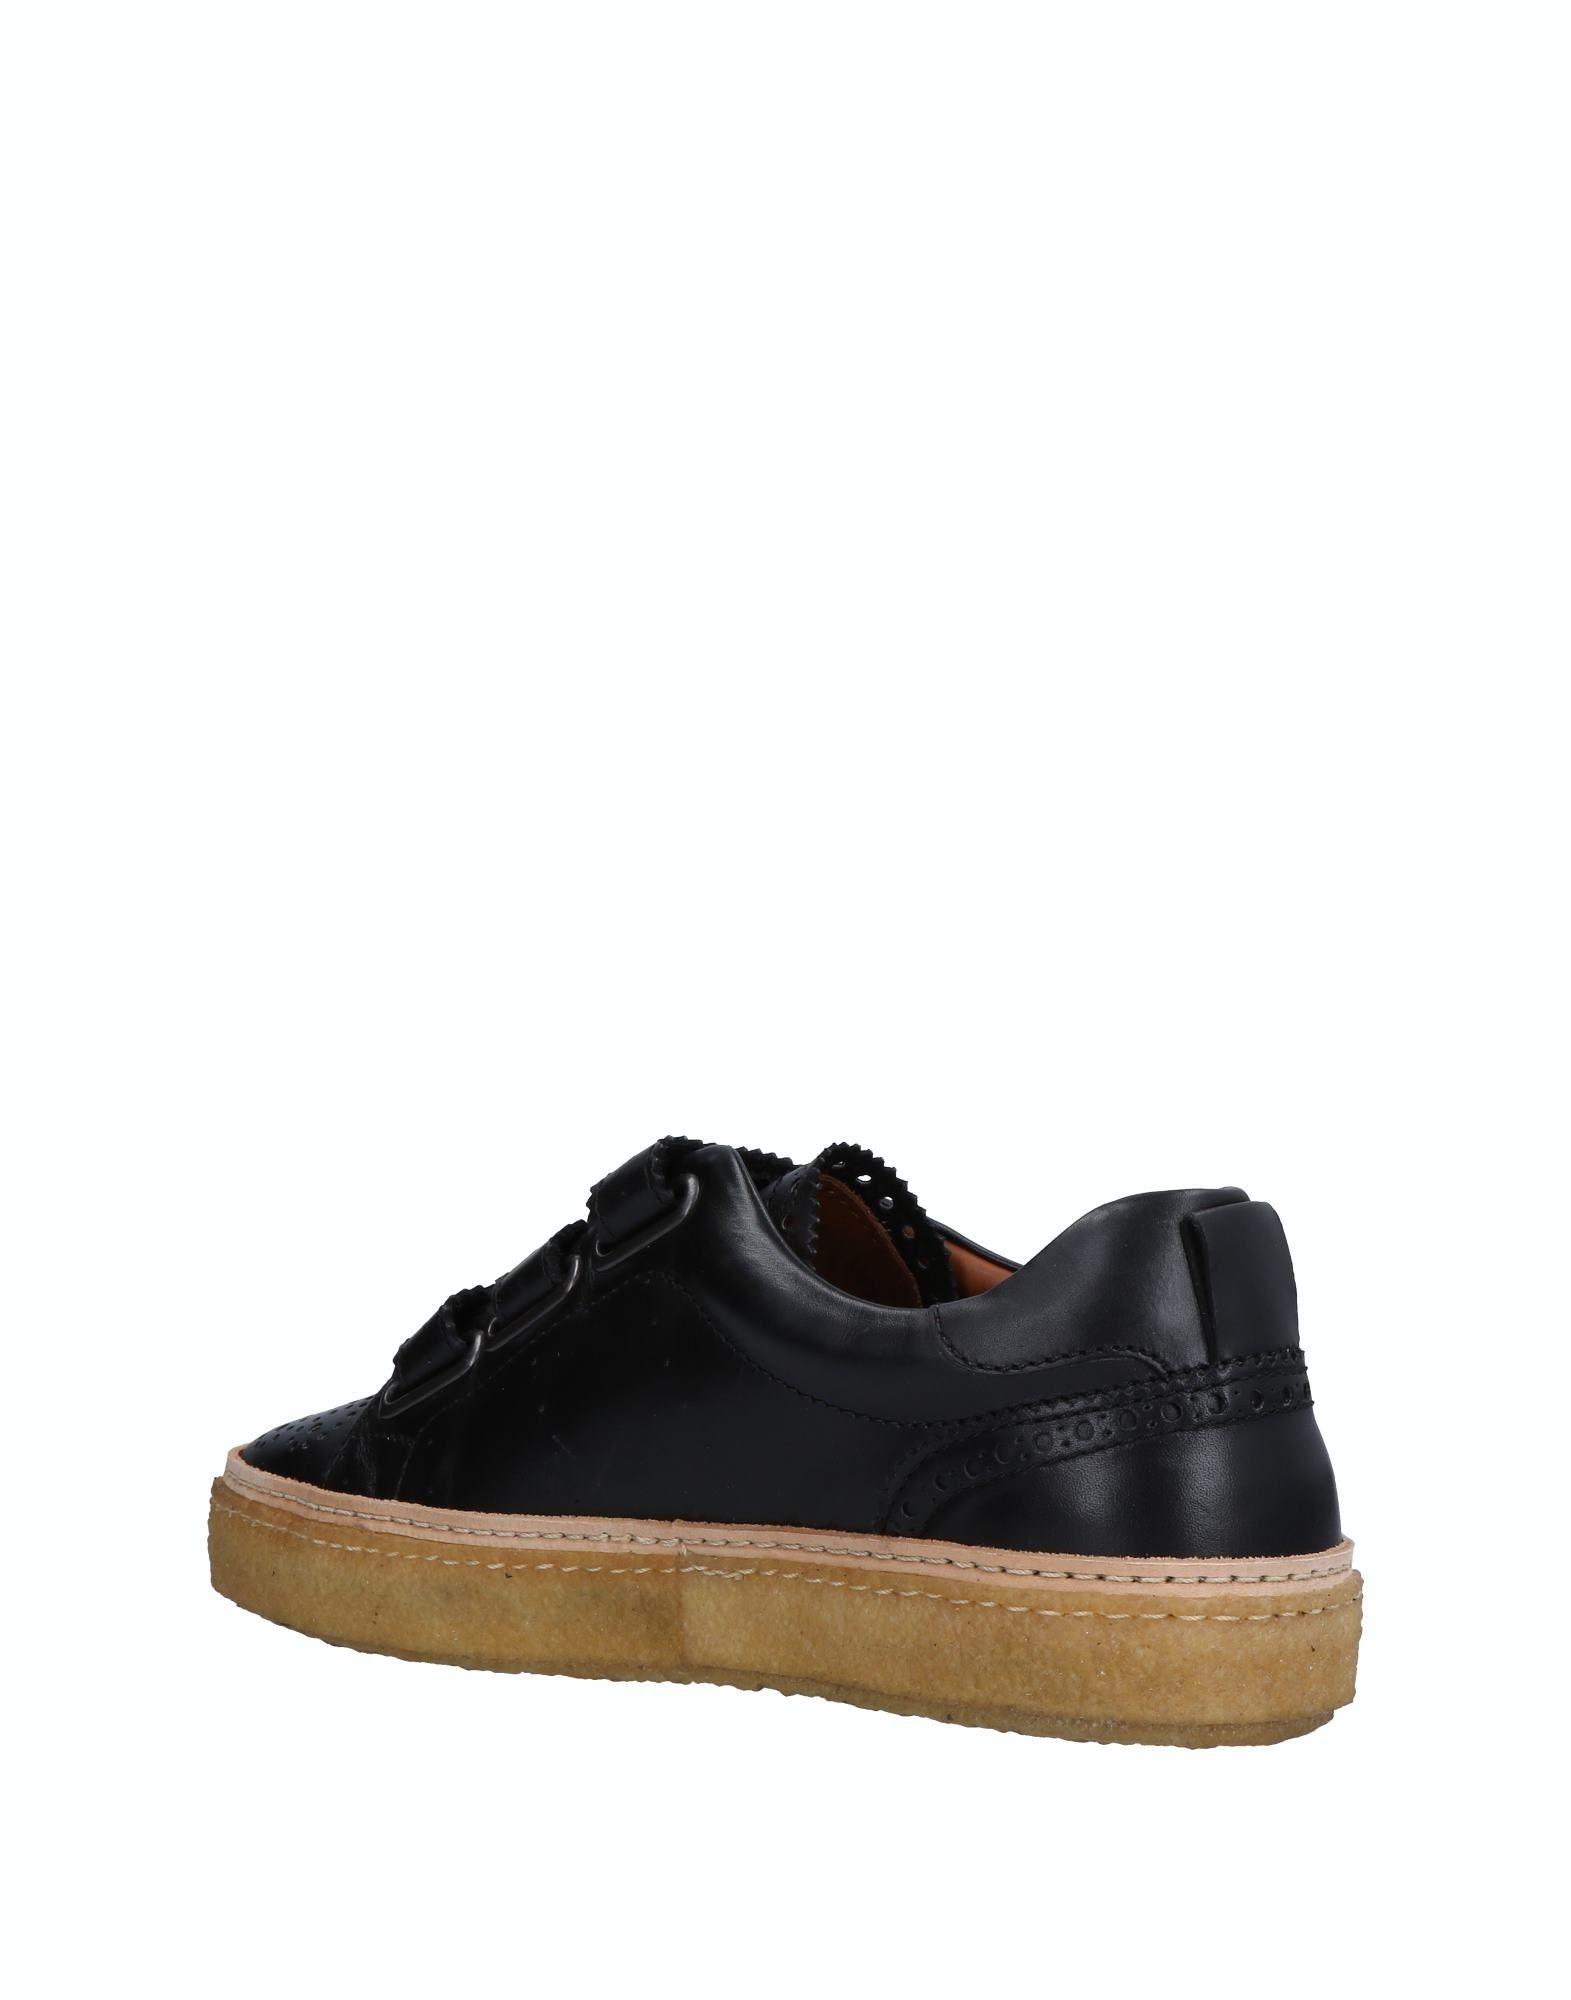 Stilvolle billige Schuhe Sneakers Whf Weber Hodel Feder Sneakers Schuhe Damen  11510428WW 59d6ef